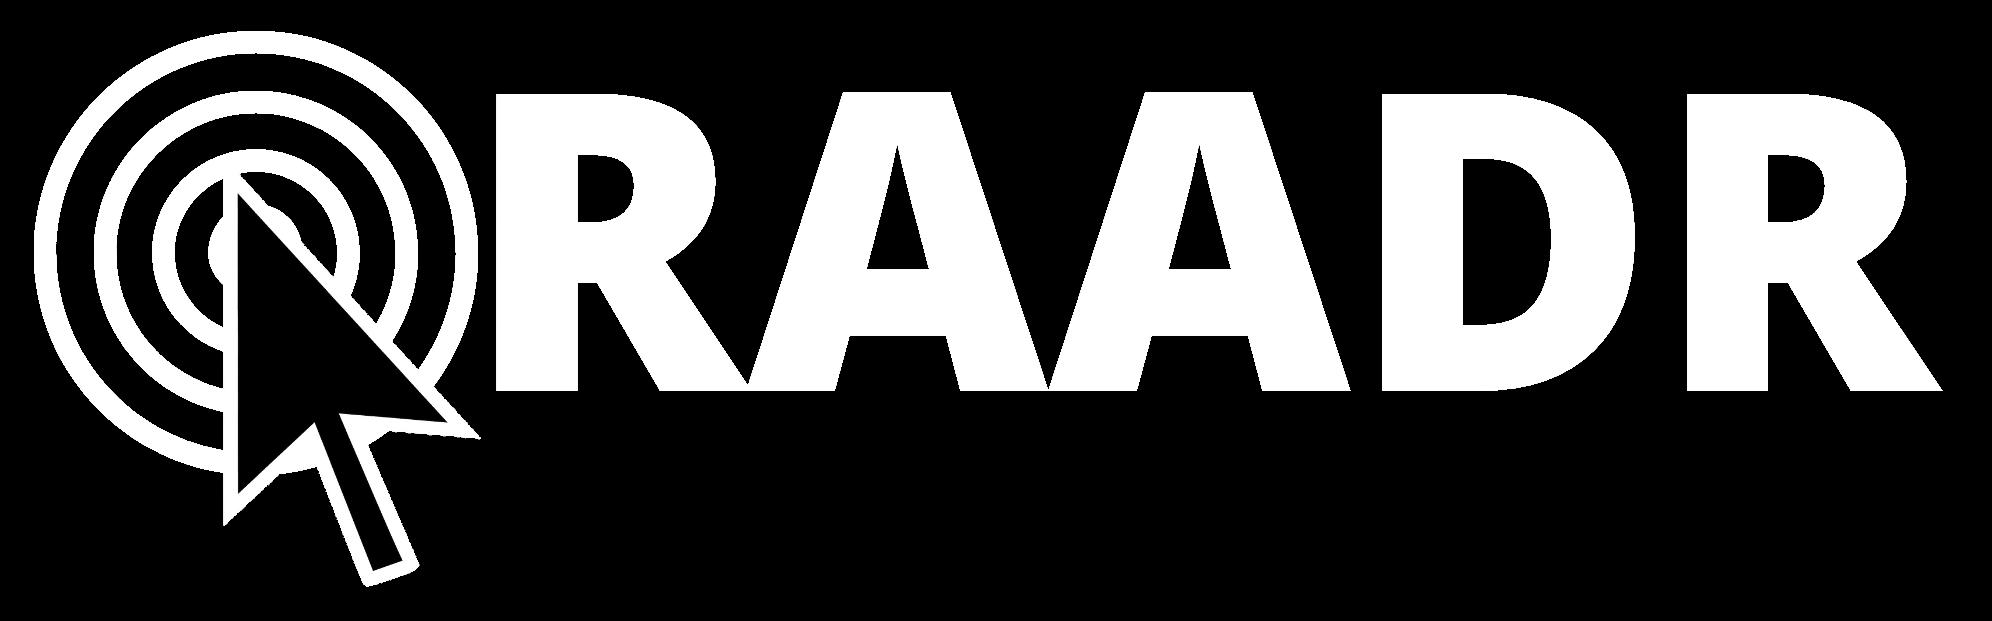 RAADR